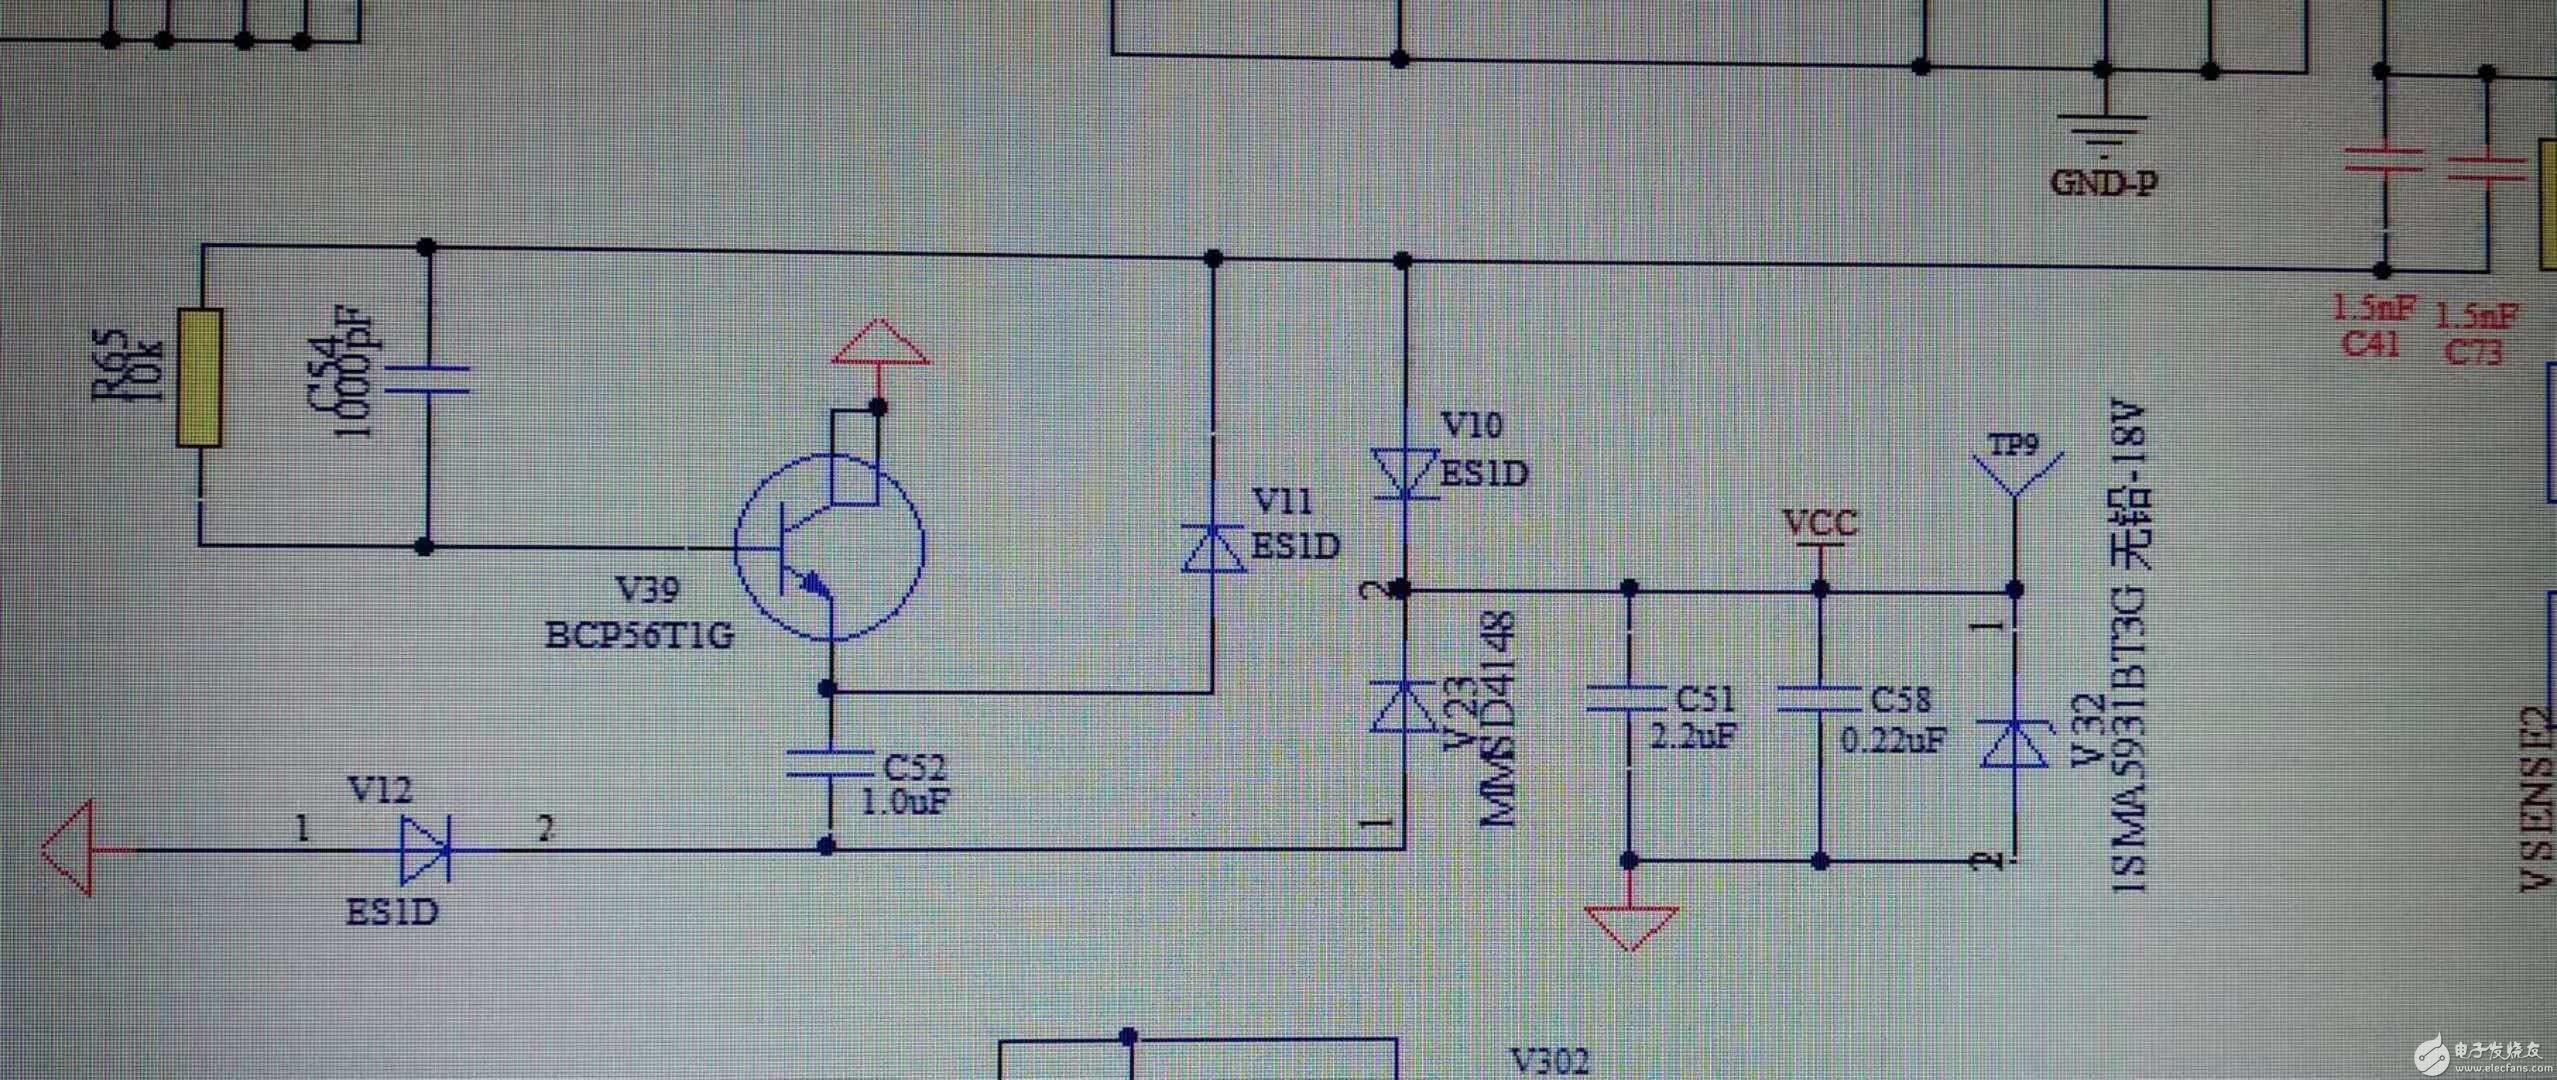 请问这个电路的功能是什么?